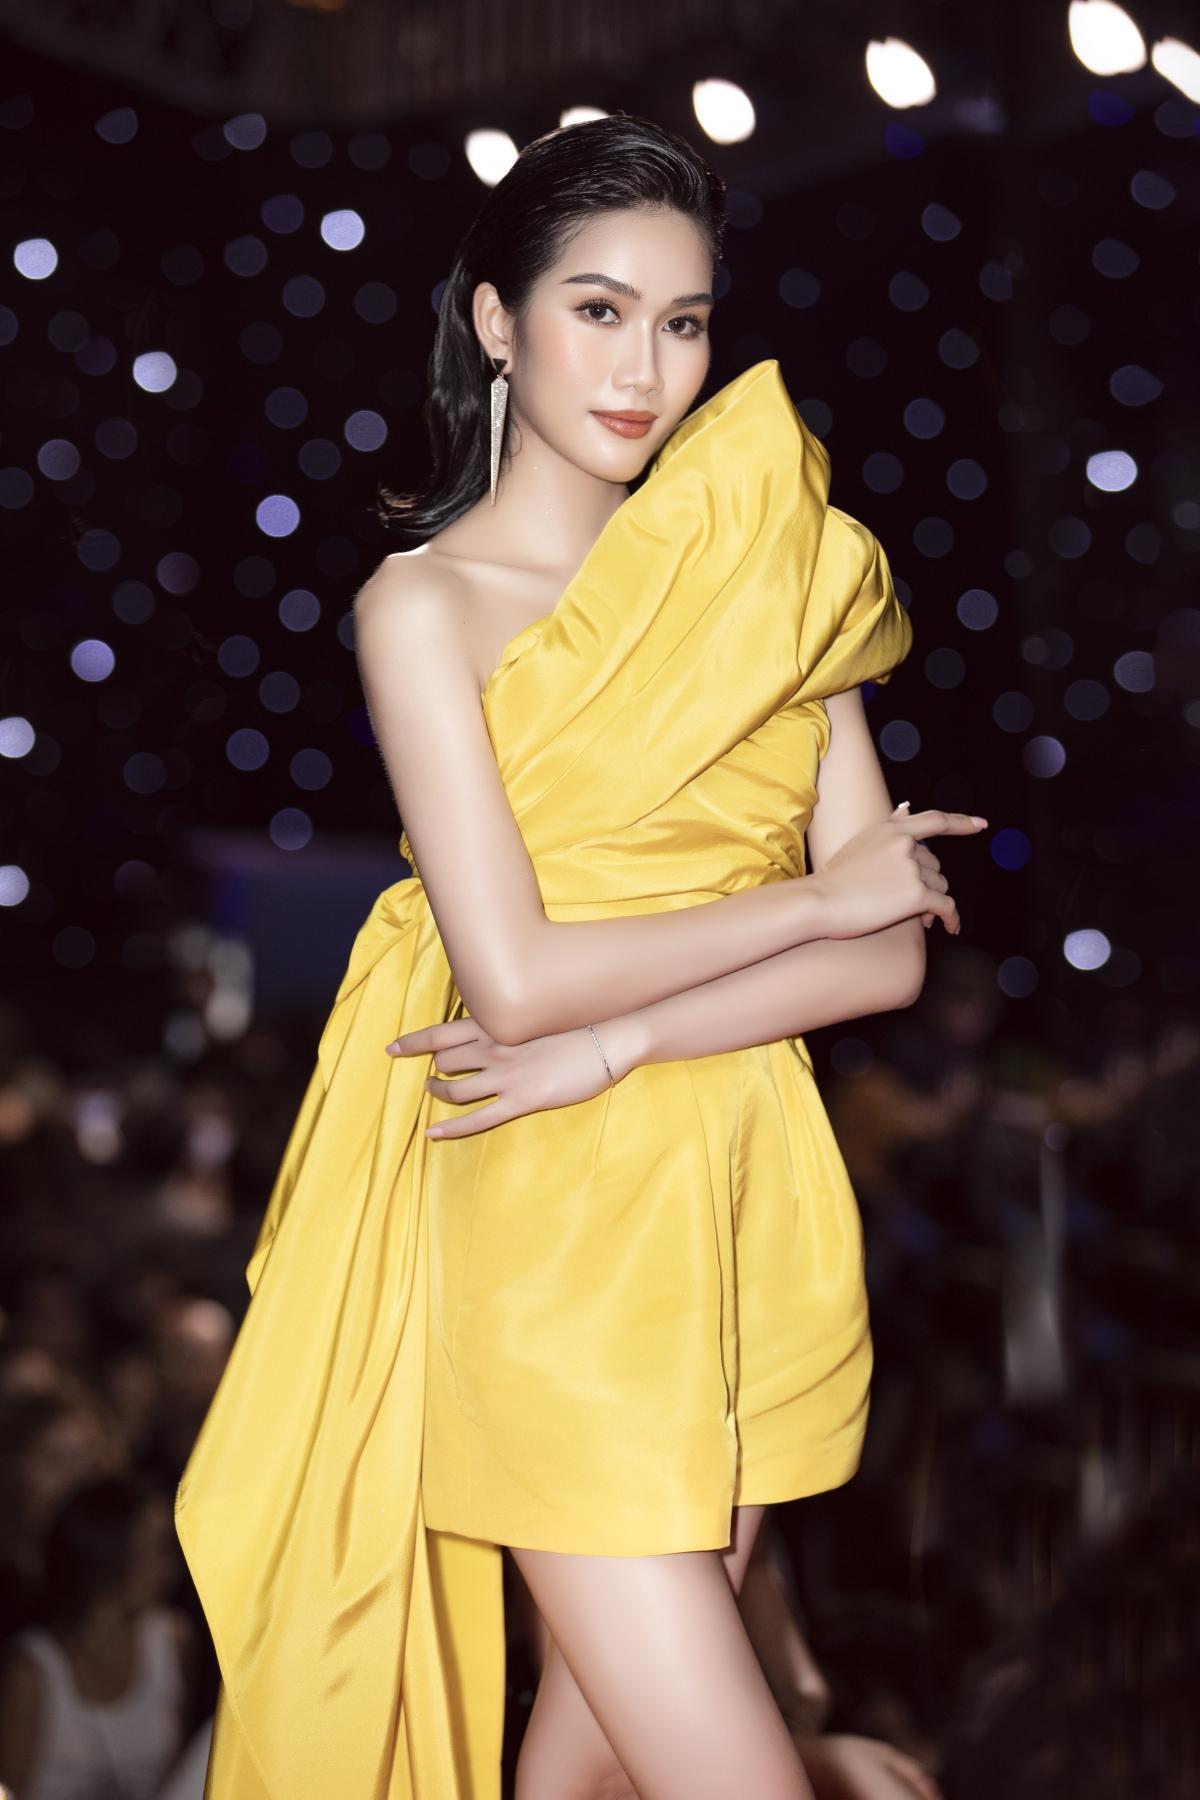 Đại diện cho vẻ đẹp tri thức, Phương Anh được cộng đồng nhan sắc liên tục ủng hộ tham gia đấu trường Miss International sắp tới.